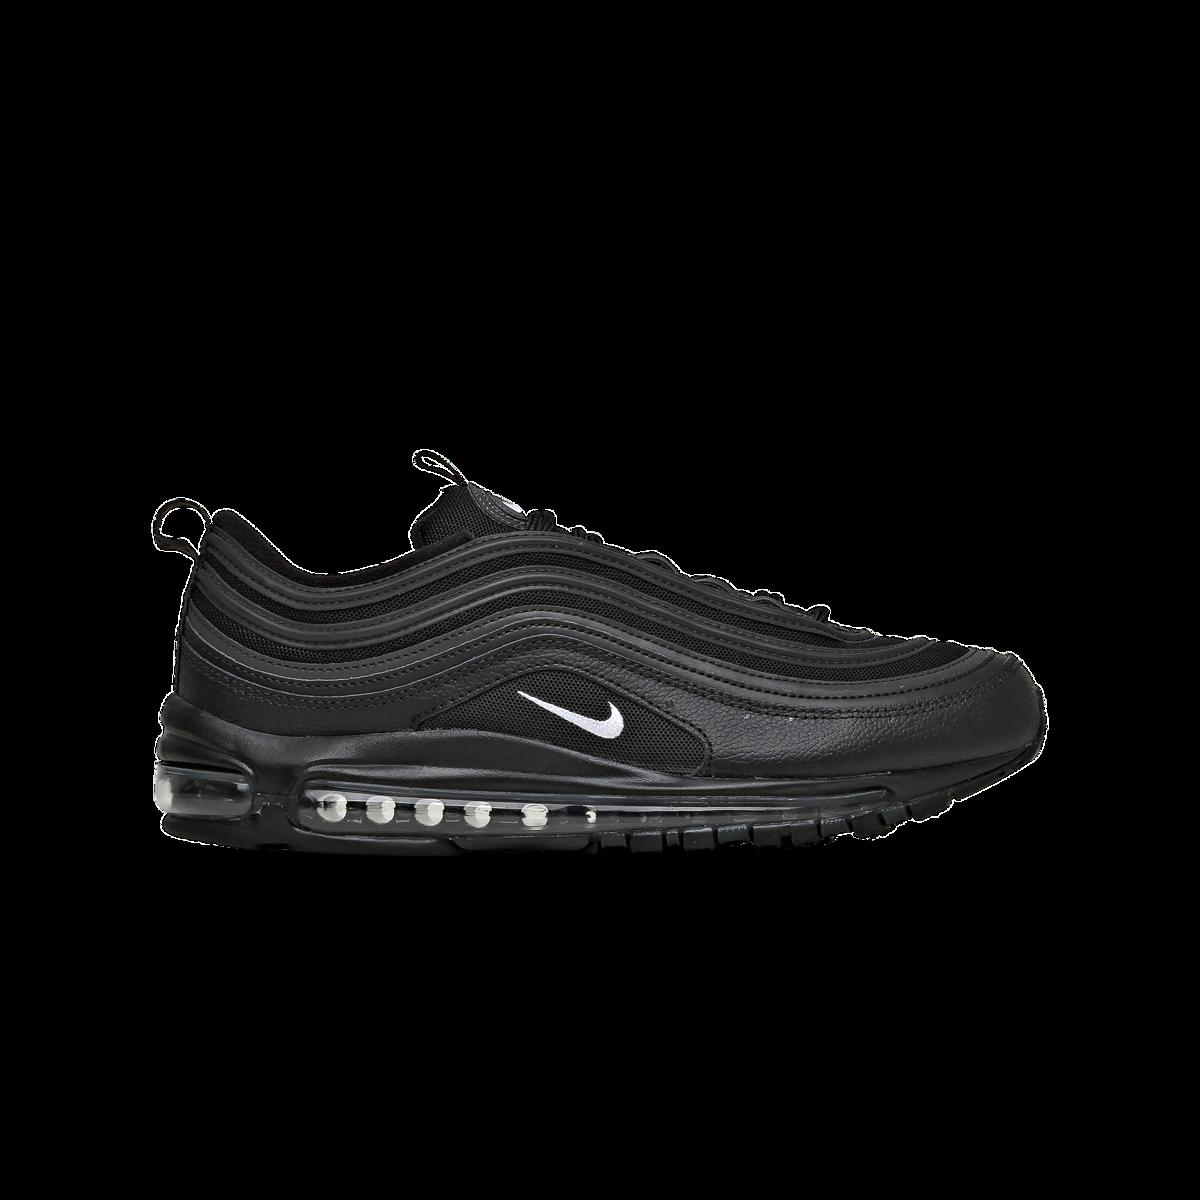 2abdfe14c01 Køb dine nye Nike Air Max sneakers online på Rezetstore.dk